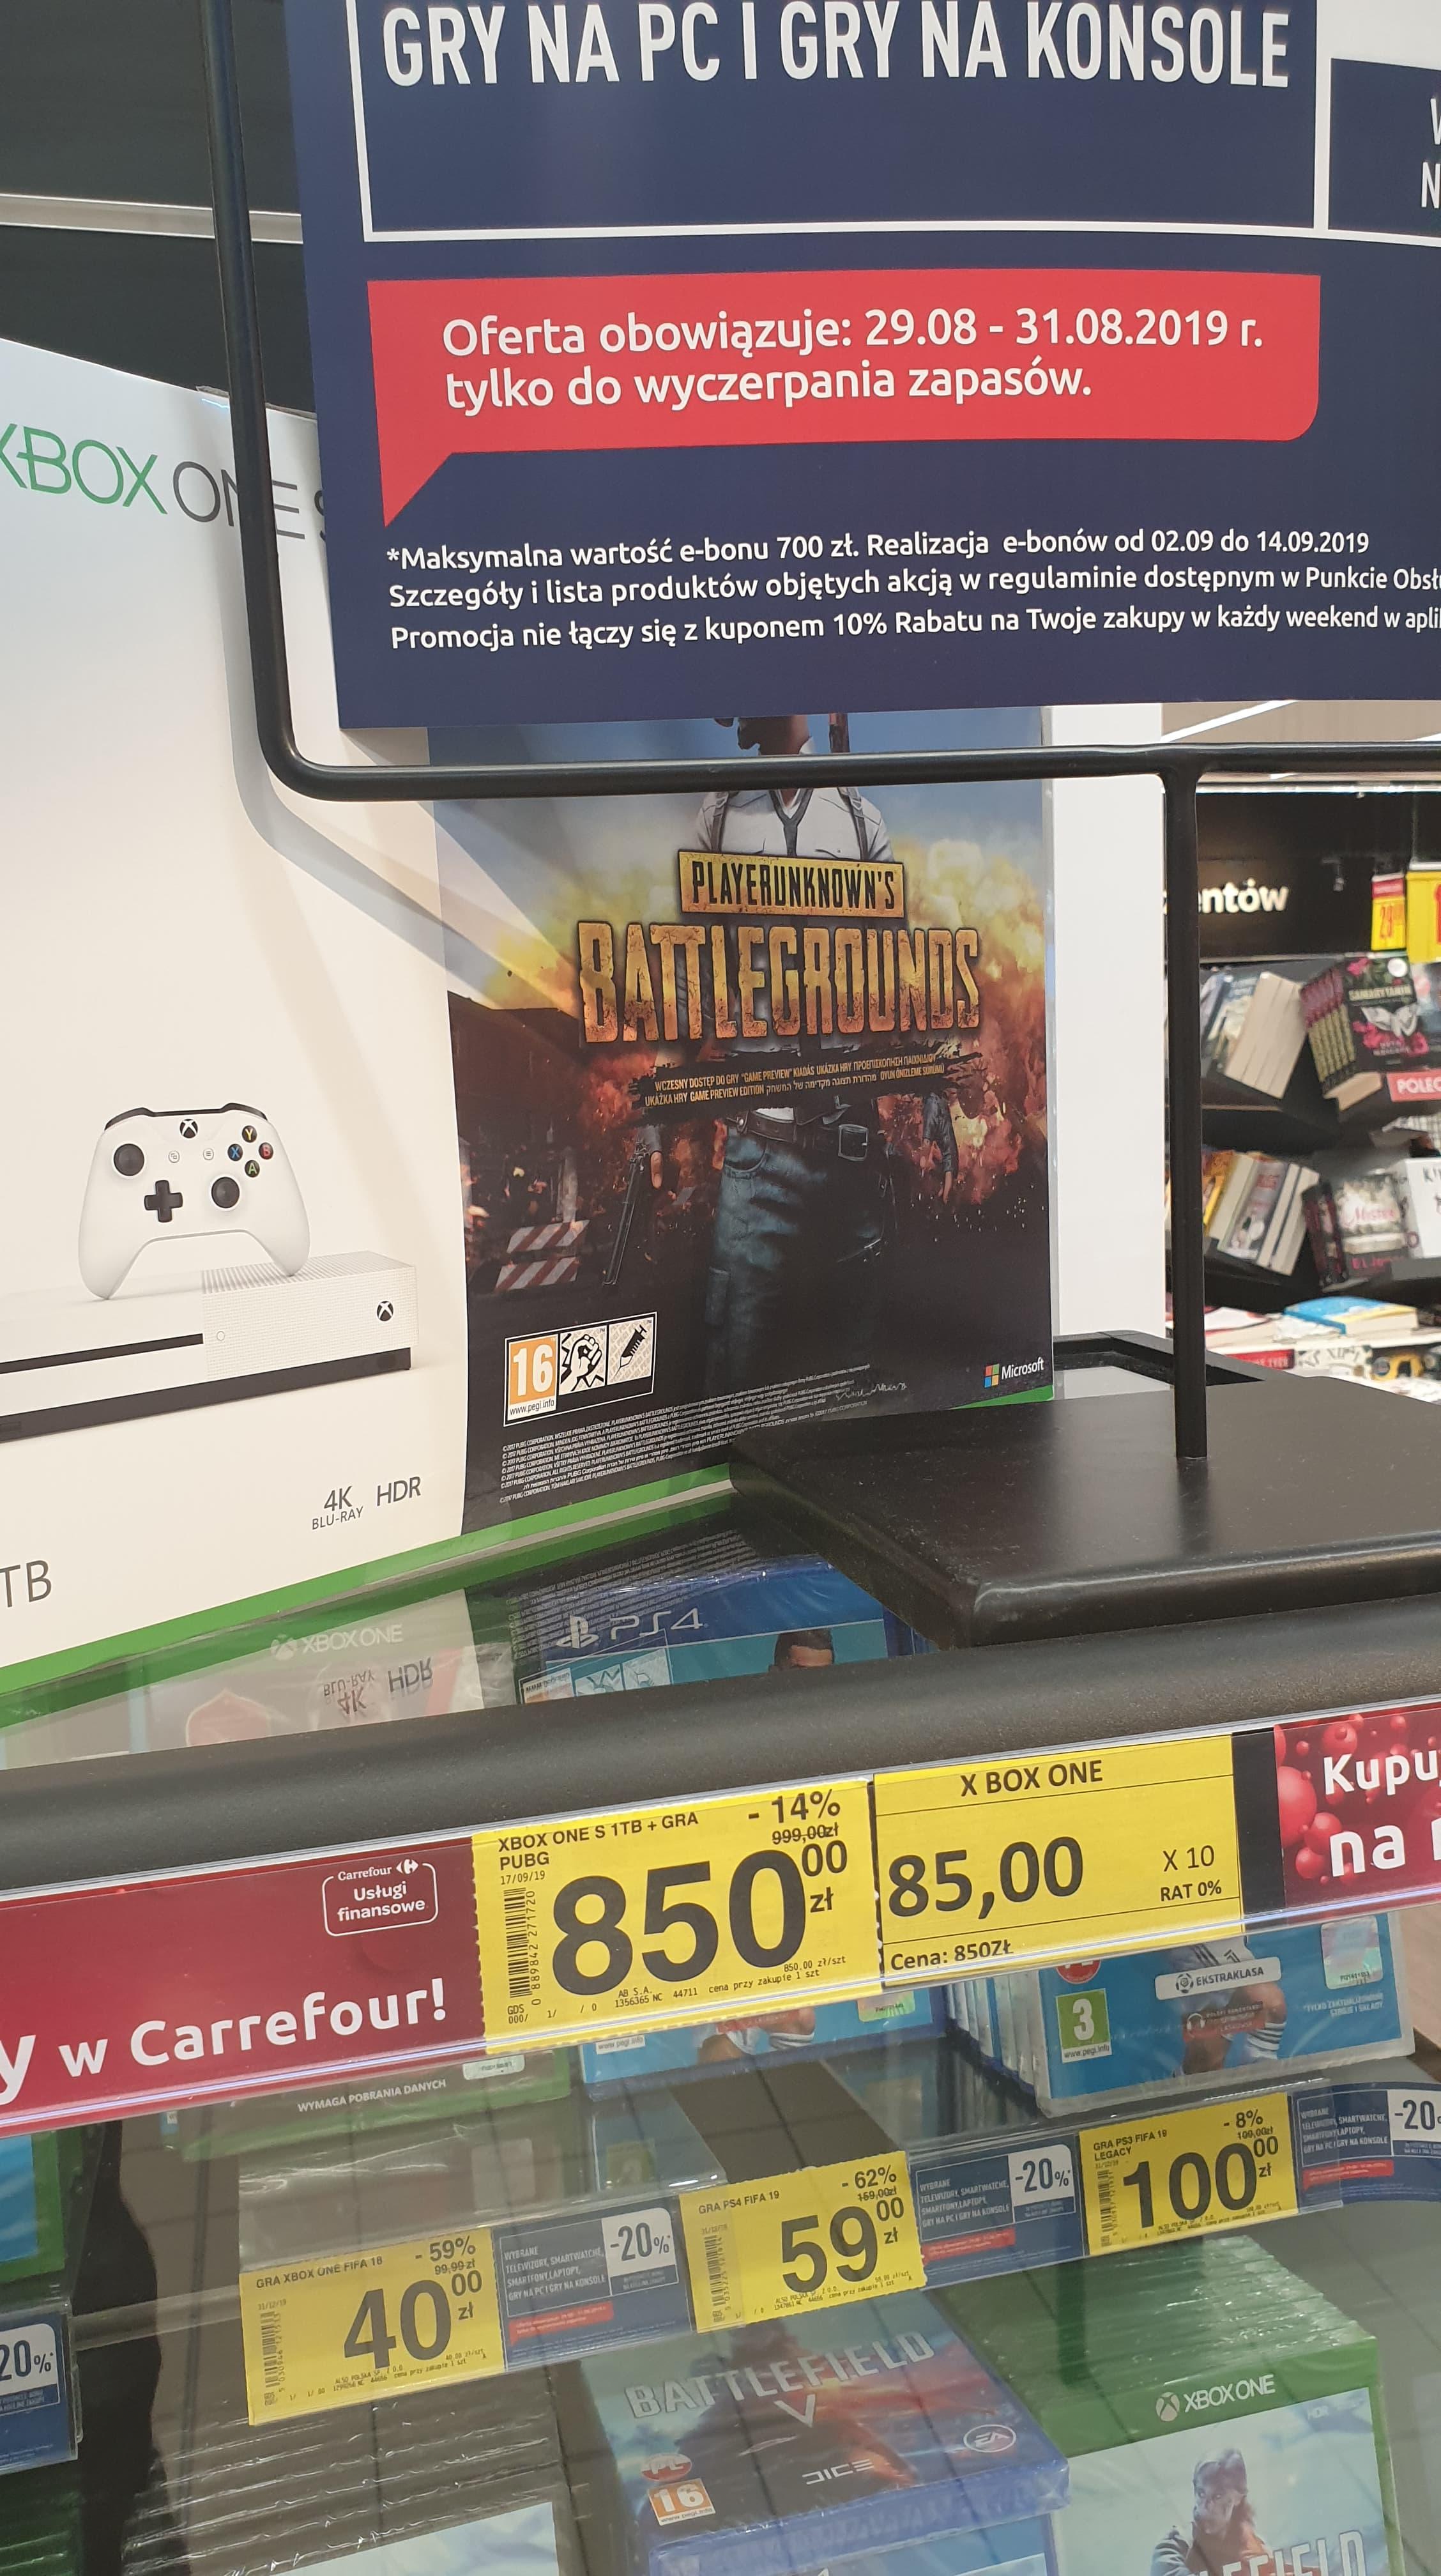 Xbox one s 1tb + gra PUBG  i inne okazje ( Carrefour Arkadia Warszawa)